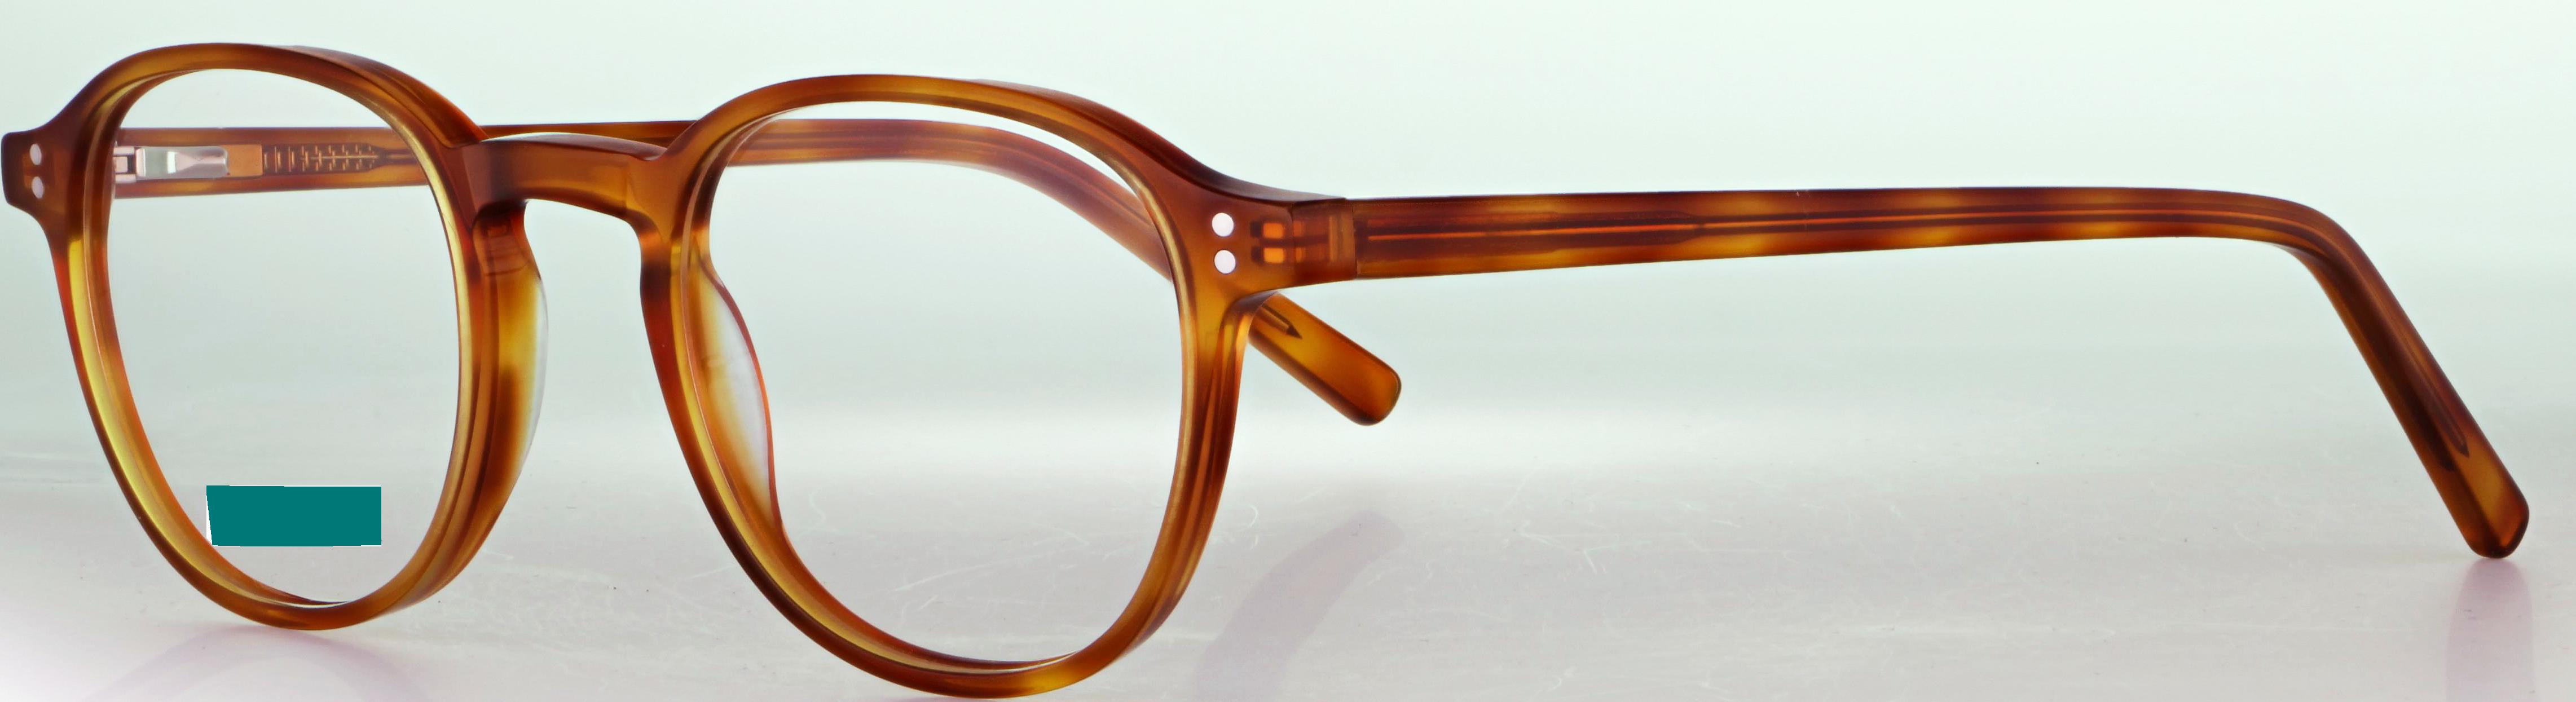 abele optik Brille 142001